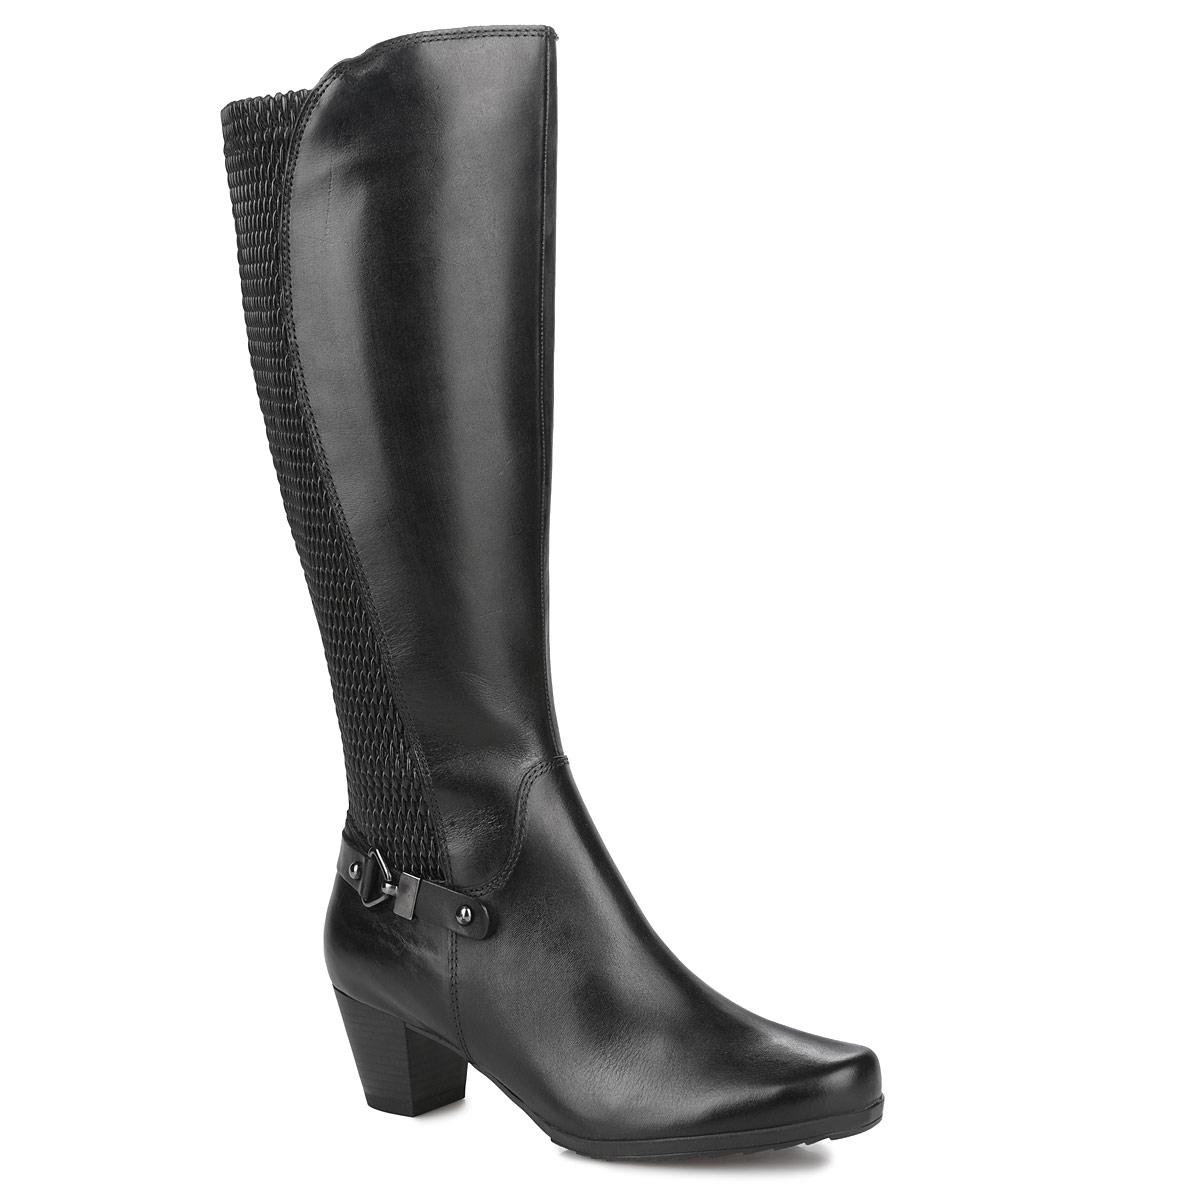 Сапоги женские. 9-9-25527-25-0019-9-25527-25-001Стильные женские сапоги от Сарriсе не оставят равнодушной настоящую модницу! Верх выполнен из натуральной кожи. Модель оформлена декоративным ремешком. Вдоль боковой части голенища расположена декоративная синтетическая вставка, которая обеспечивает оптимальную посадку обуви на ноги. Голенища с технологией XL Shaft - зауженное. Вкладная стелька OnAir из текстиля регулирует воздухообмен и гарантирует снижение давления на стопу. Подкладка выполнена из приятного на ощупь текстиля. Сапоги застегиваются на боковую застежку-молнию. Резиновая подошва с рельефной поверхностью обеспечивает отличное сцепление на скользкой поверхности. Средний каблук удобен при ходьбе. Такие модные сапоги отлично подчеркнут ваш стиль и индивидуальность.